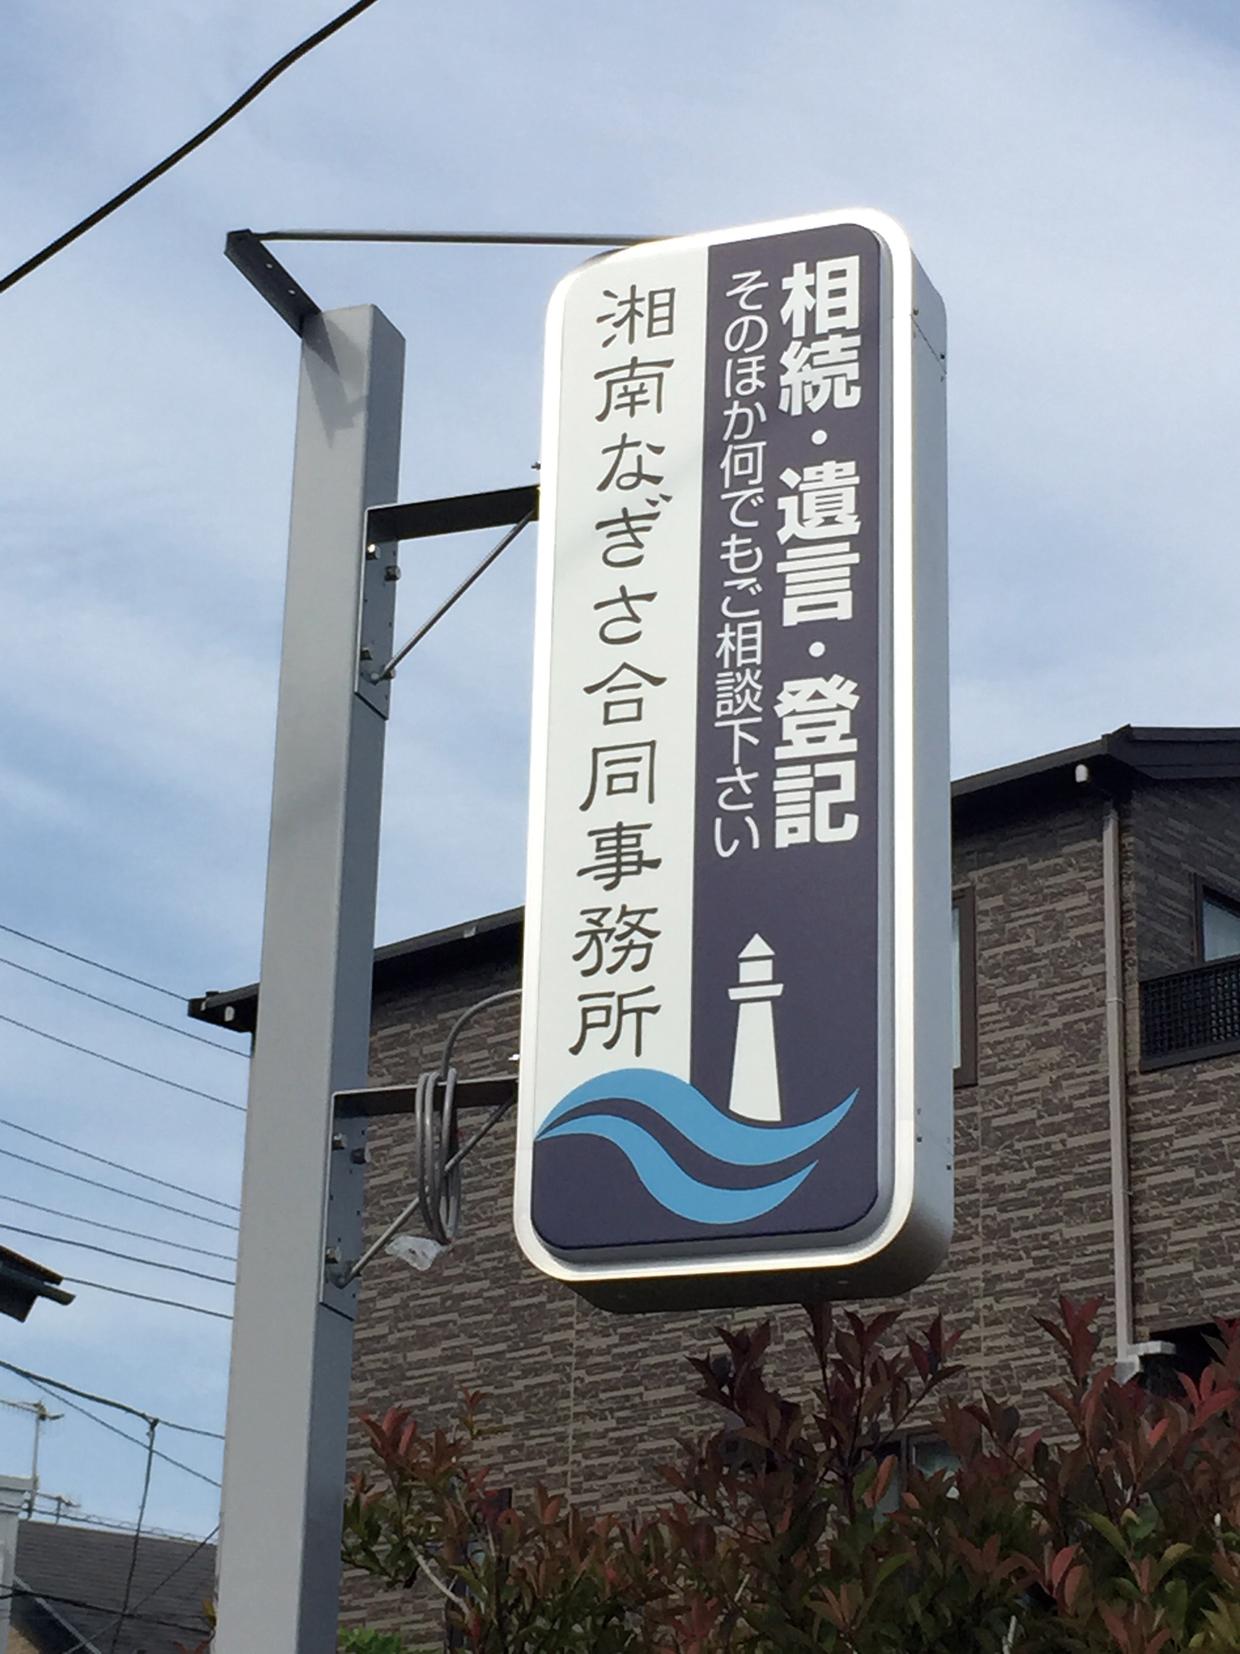 茅ヶ崎市司法書士事務所様 | 袖看板